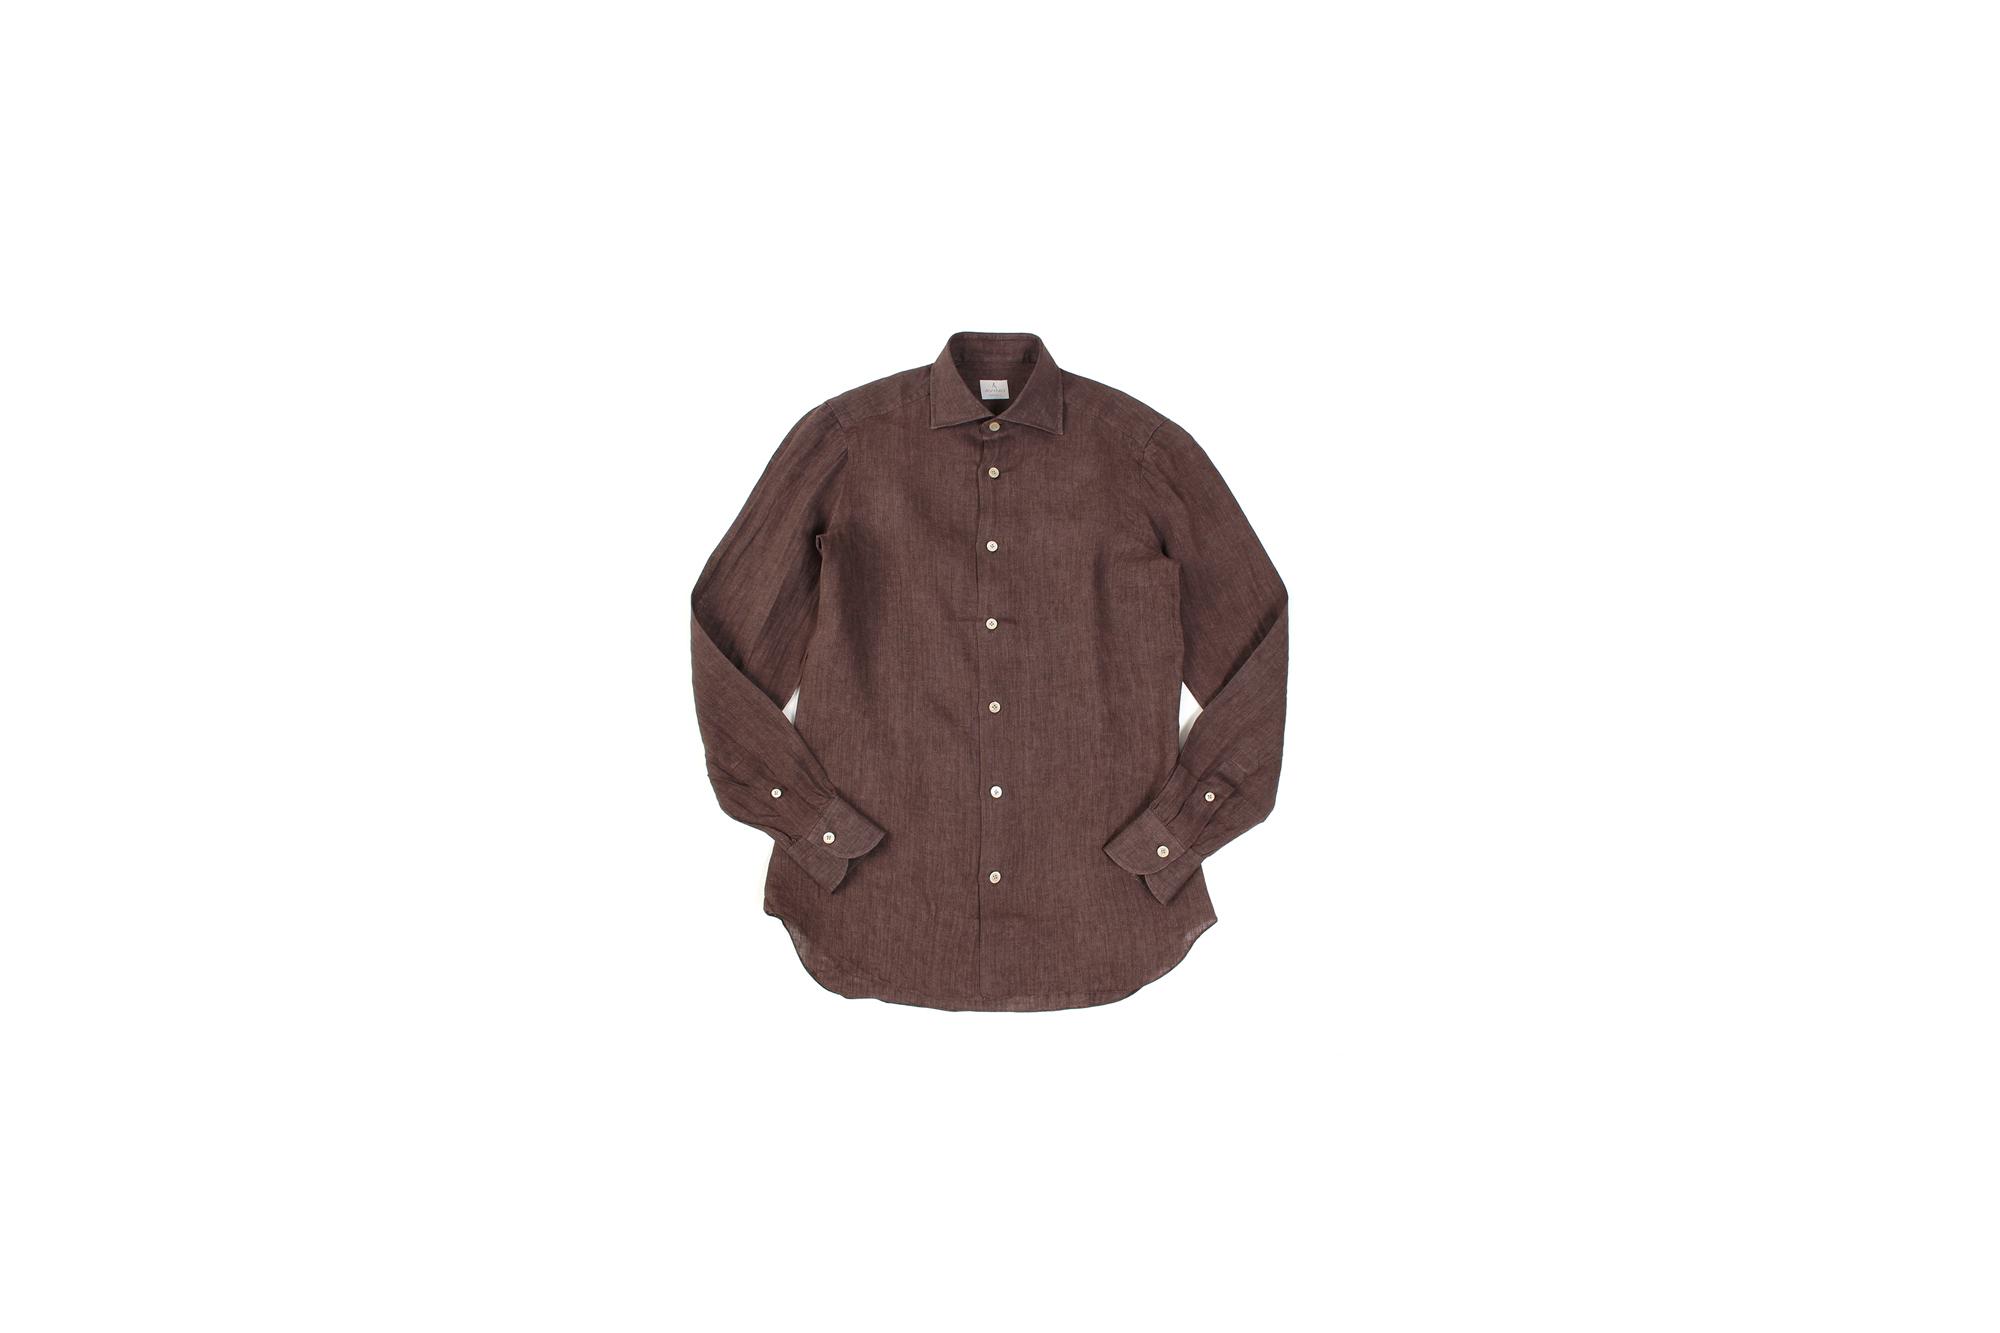 AVINO Laboratorio Napoletano(アヴィーノ・ラボラトリオ・ナポレターノ) Linen Dress Shirts (リネン ドレス シャツ) リネン100% ワイドカラー シャツ BROWN (ブラウン) made in italy (イタリア製) 2020 春夏 【ご予約開始】 愛知 名古屋 altoediritto アルトエデリット リネンシャツ